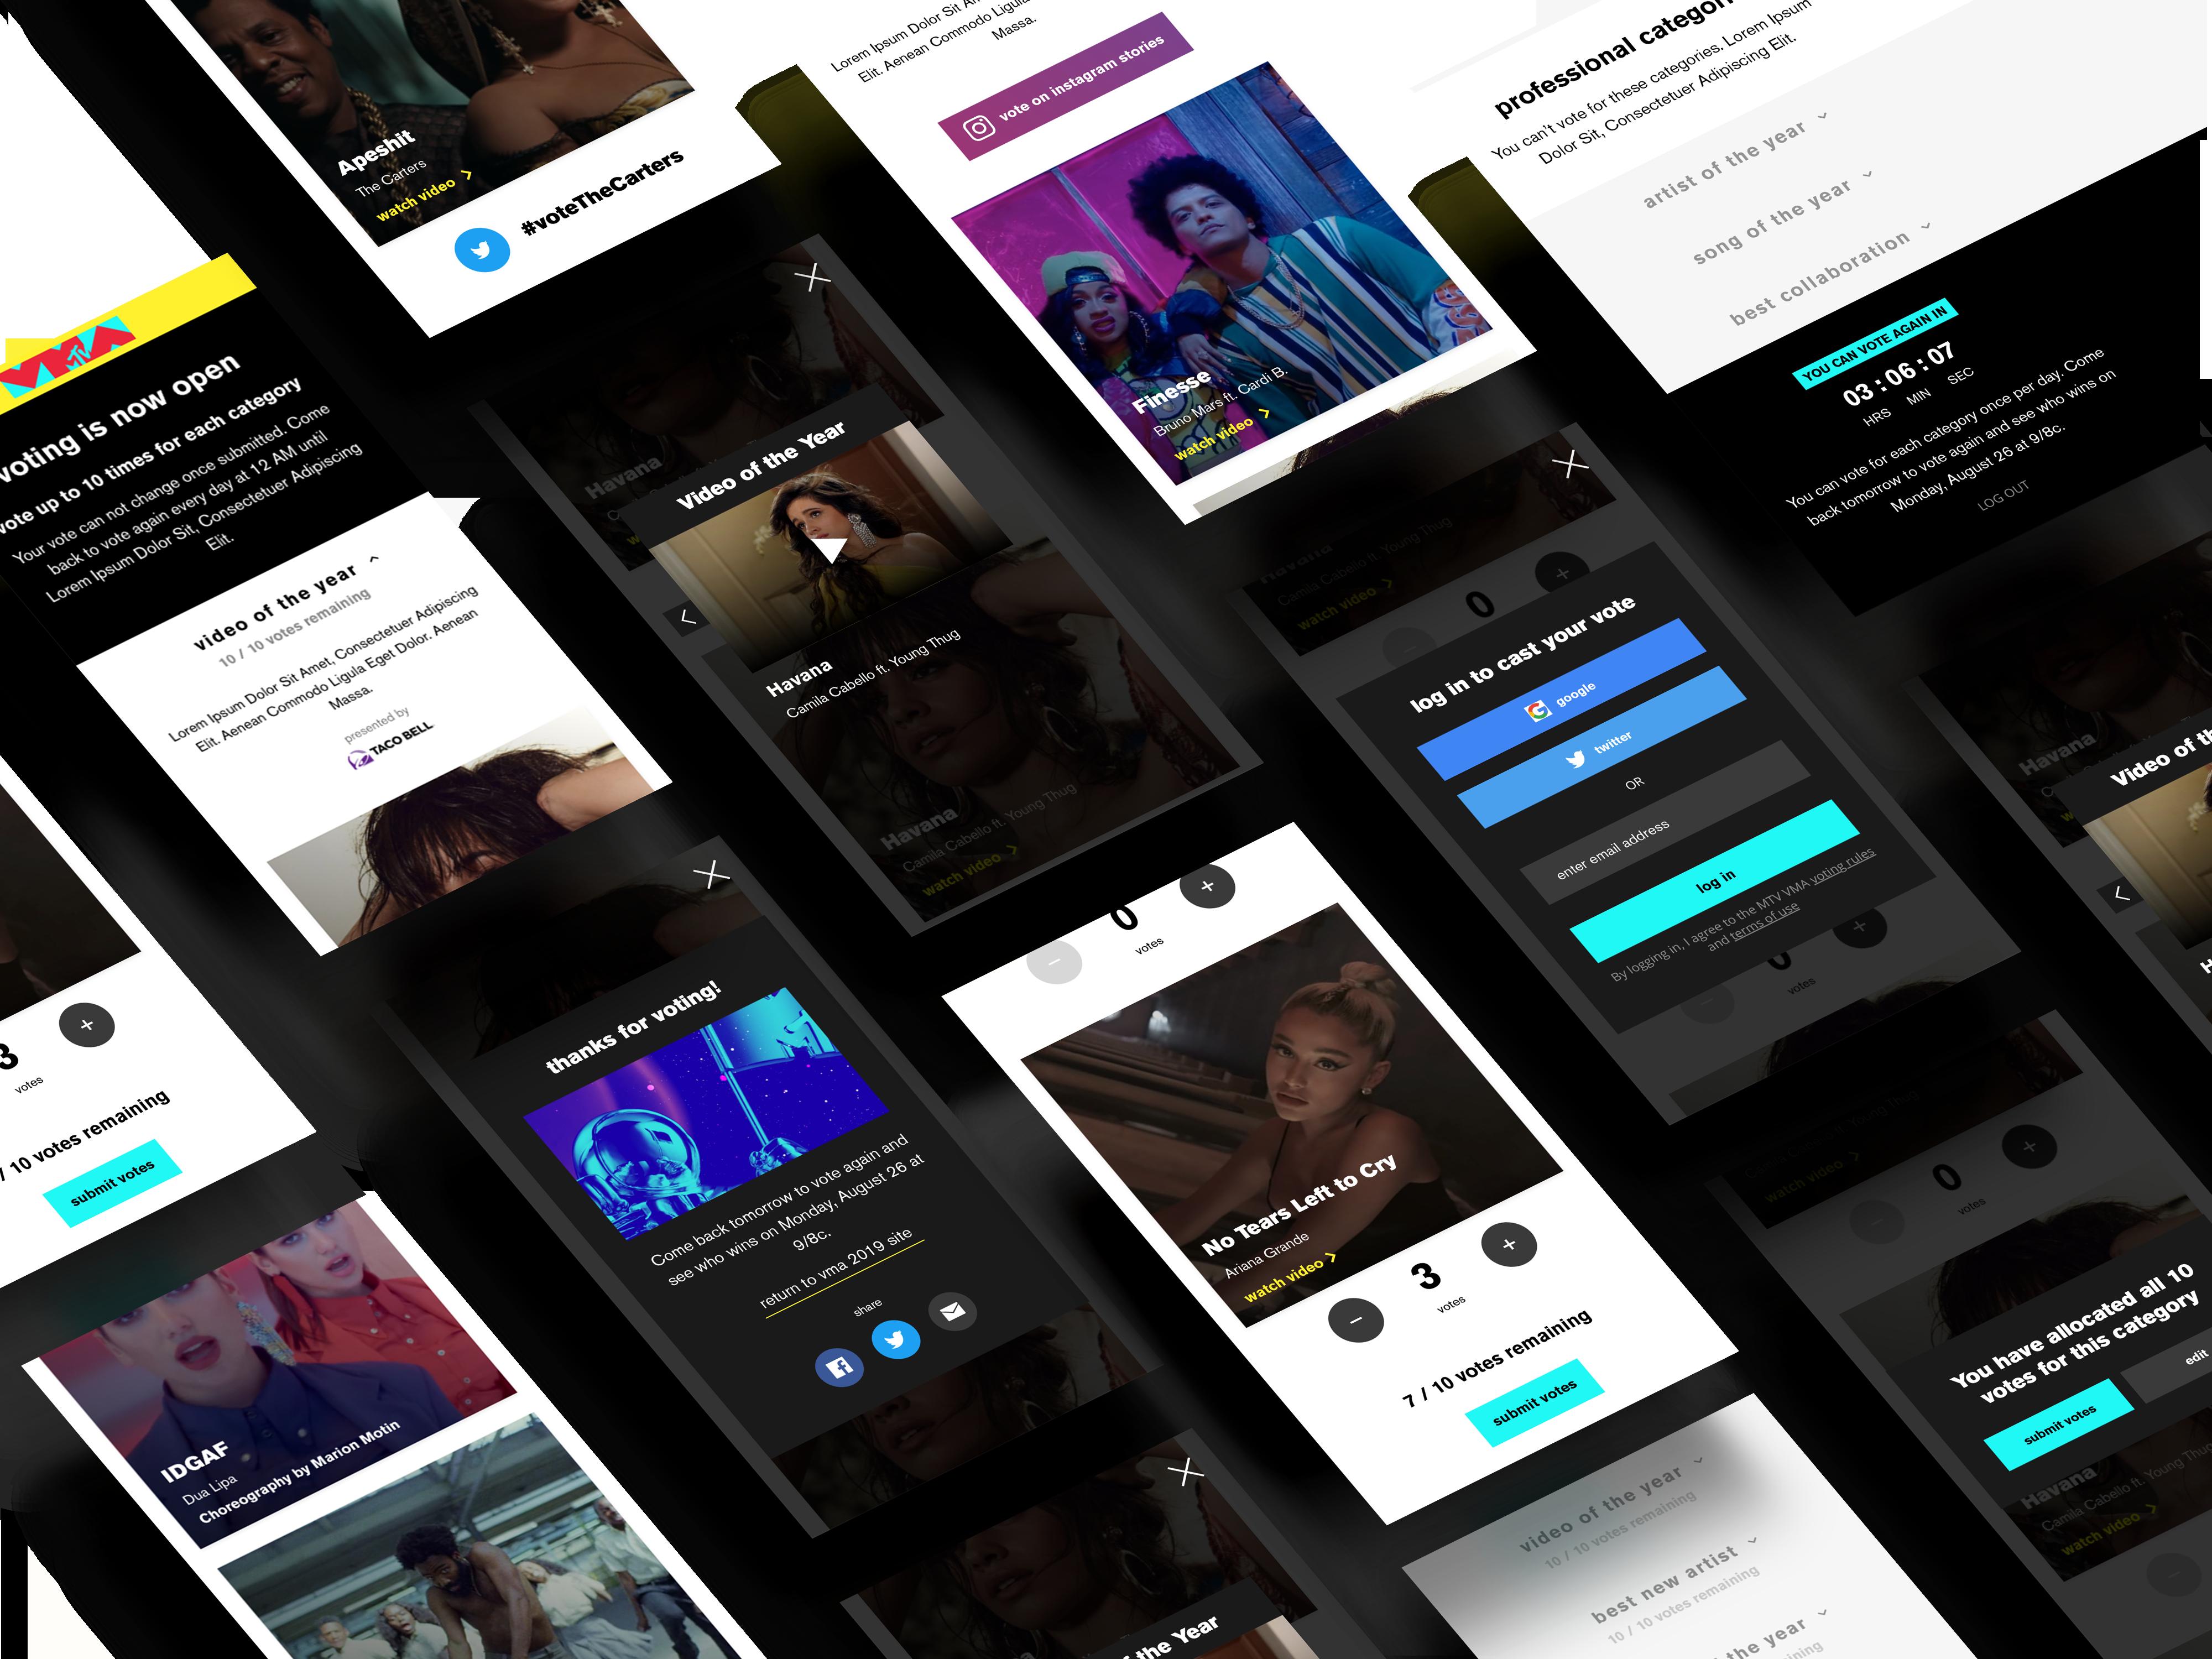 vma-mobile-screens